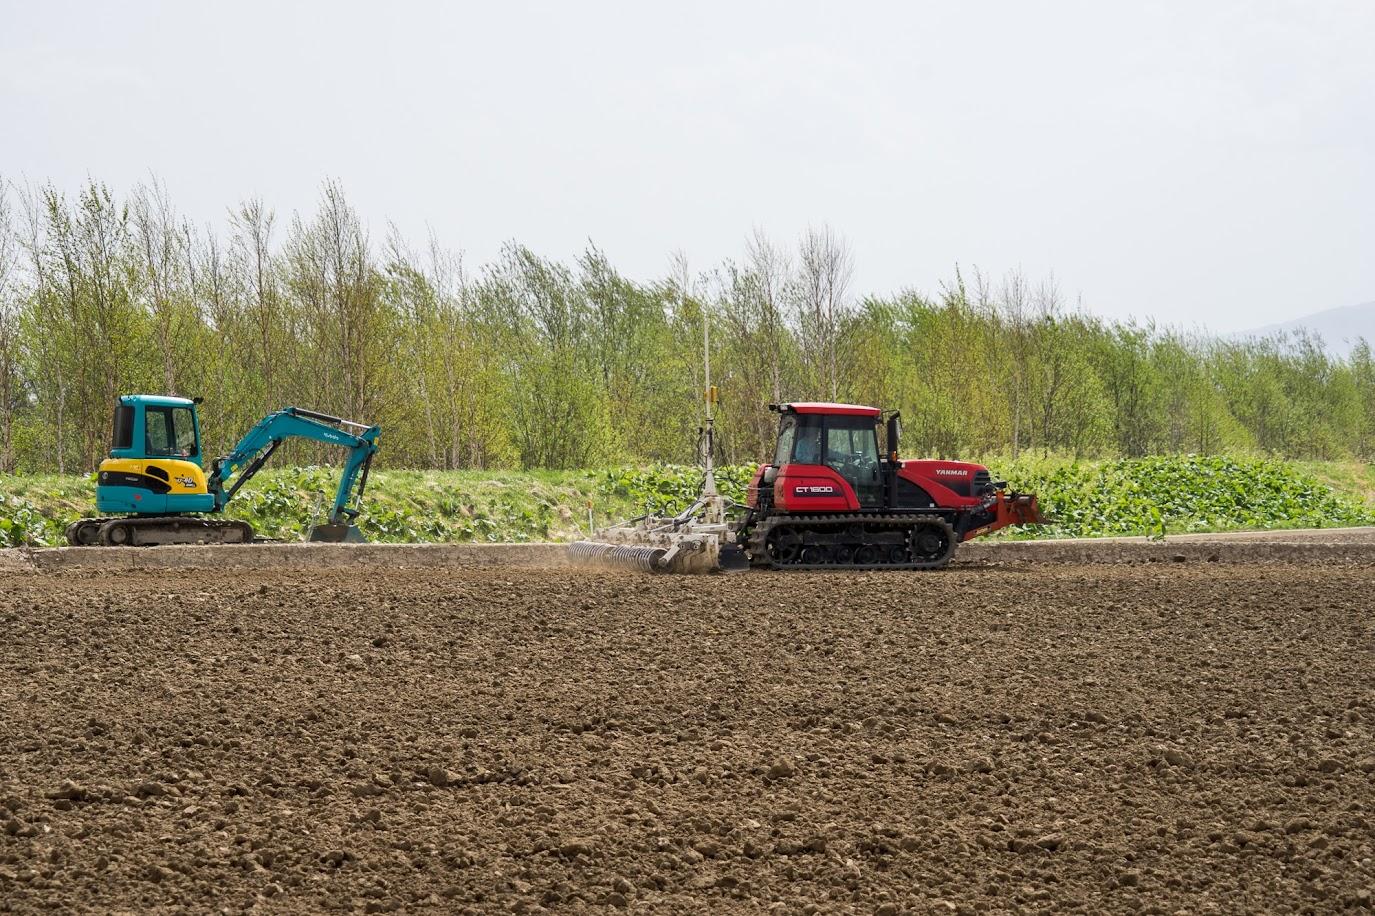 圃場の水平設定作業